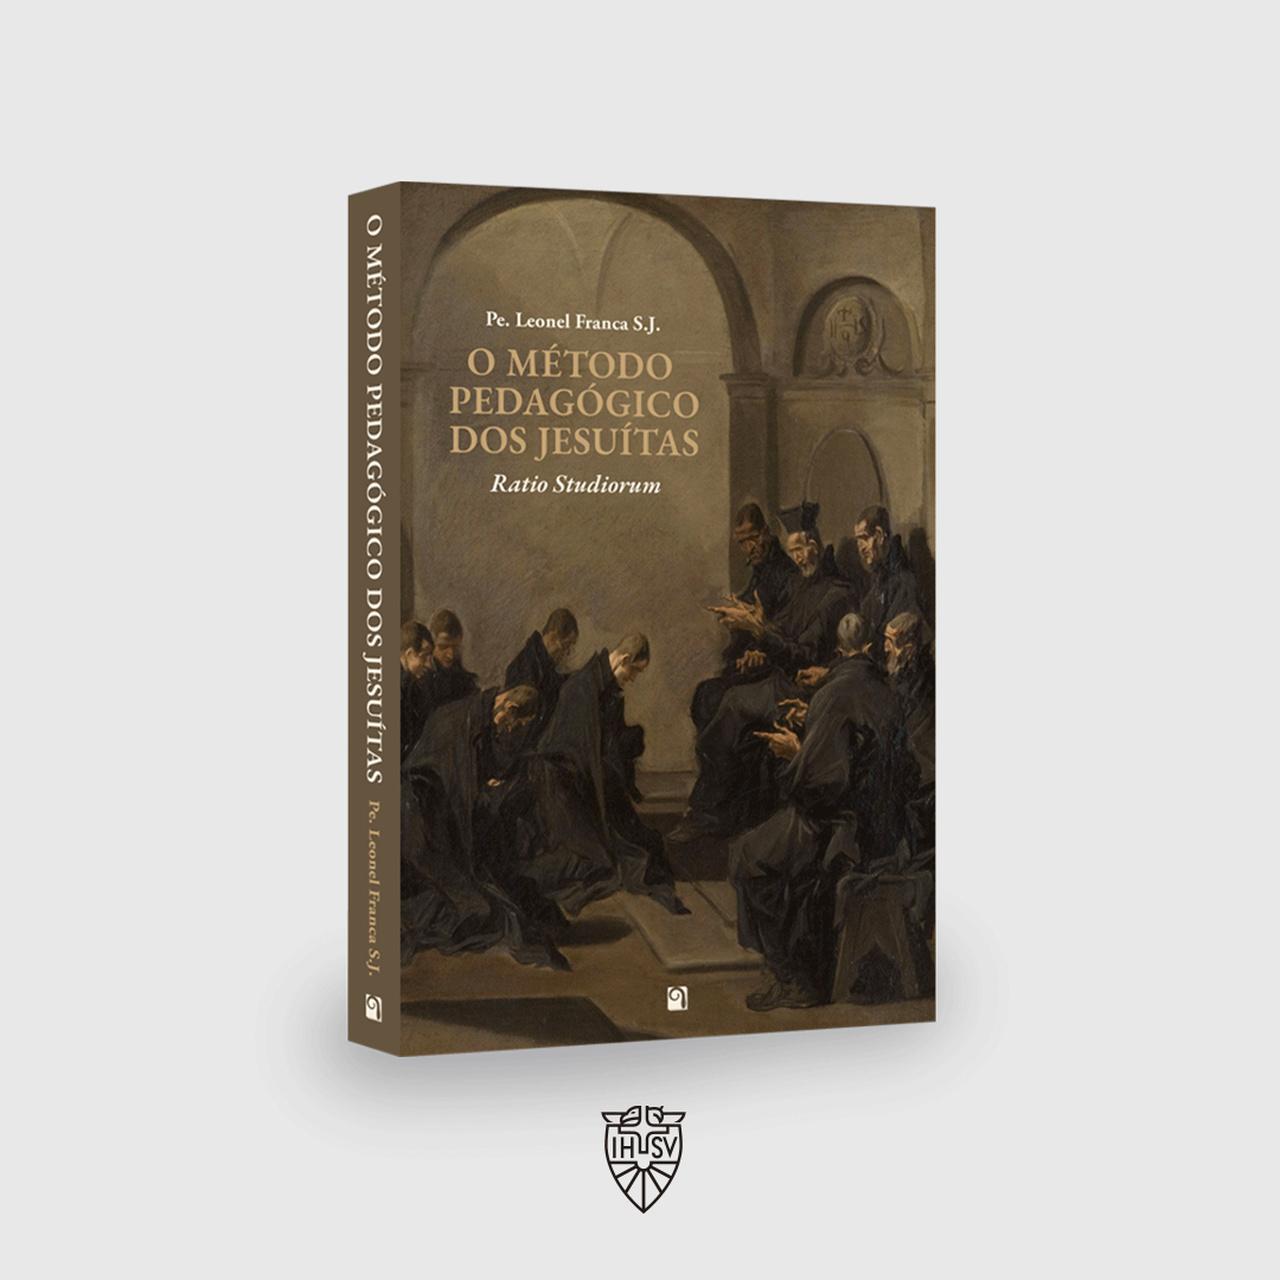 O Método Pedagógico dos Jesuítas